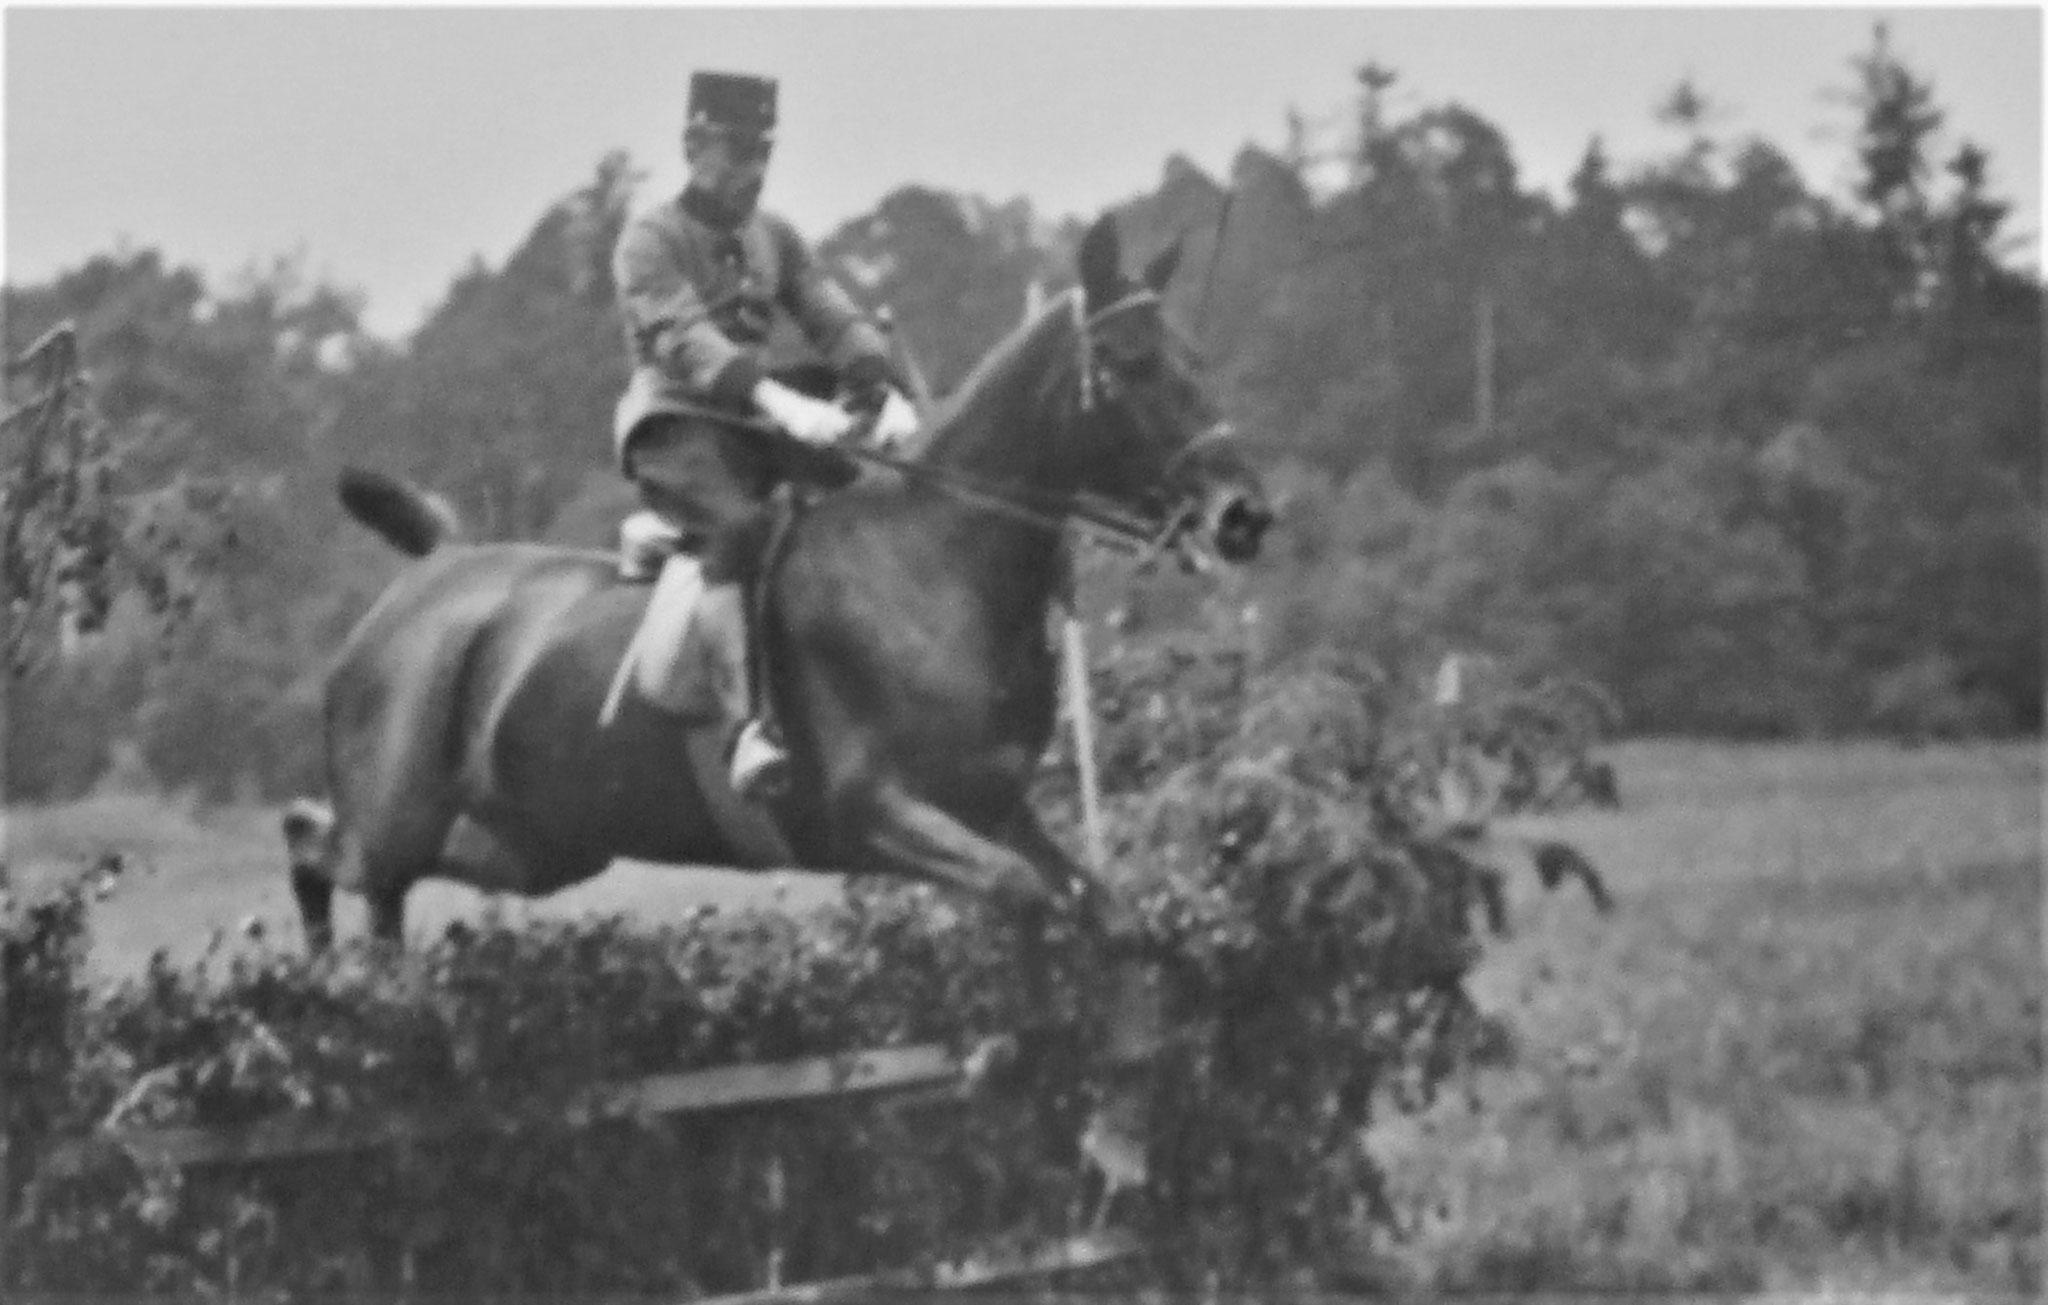 Leutnant v. In der Maur